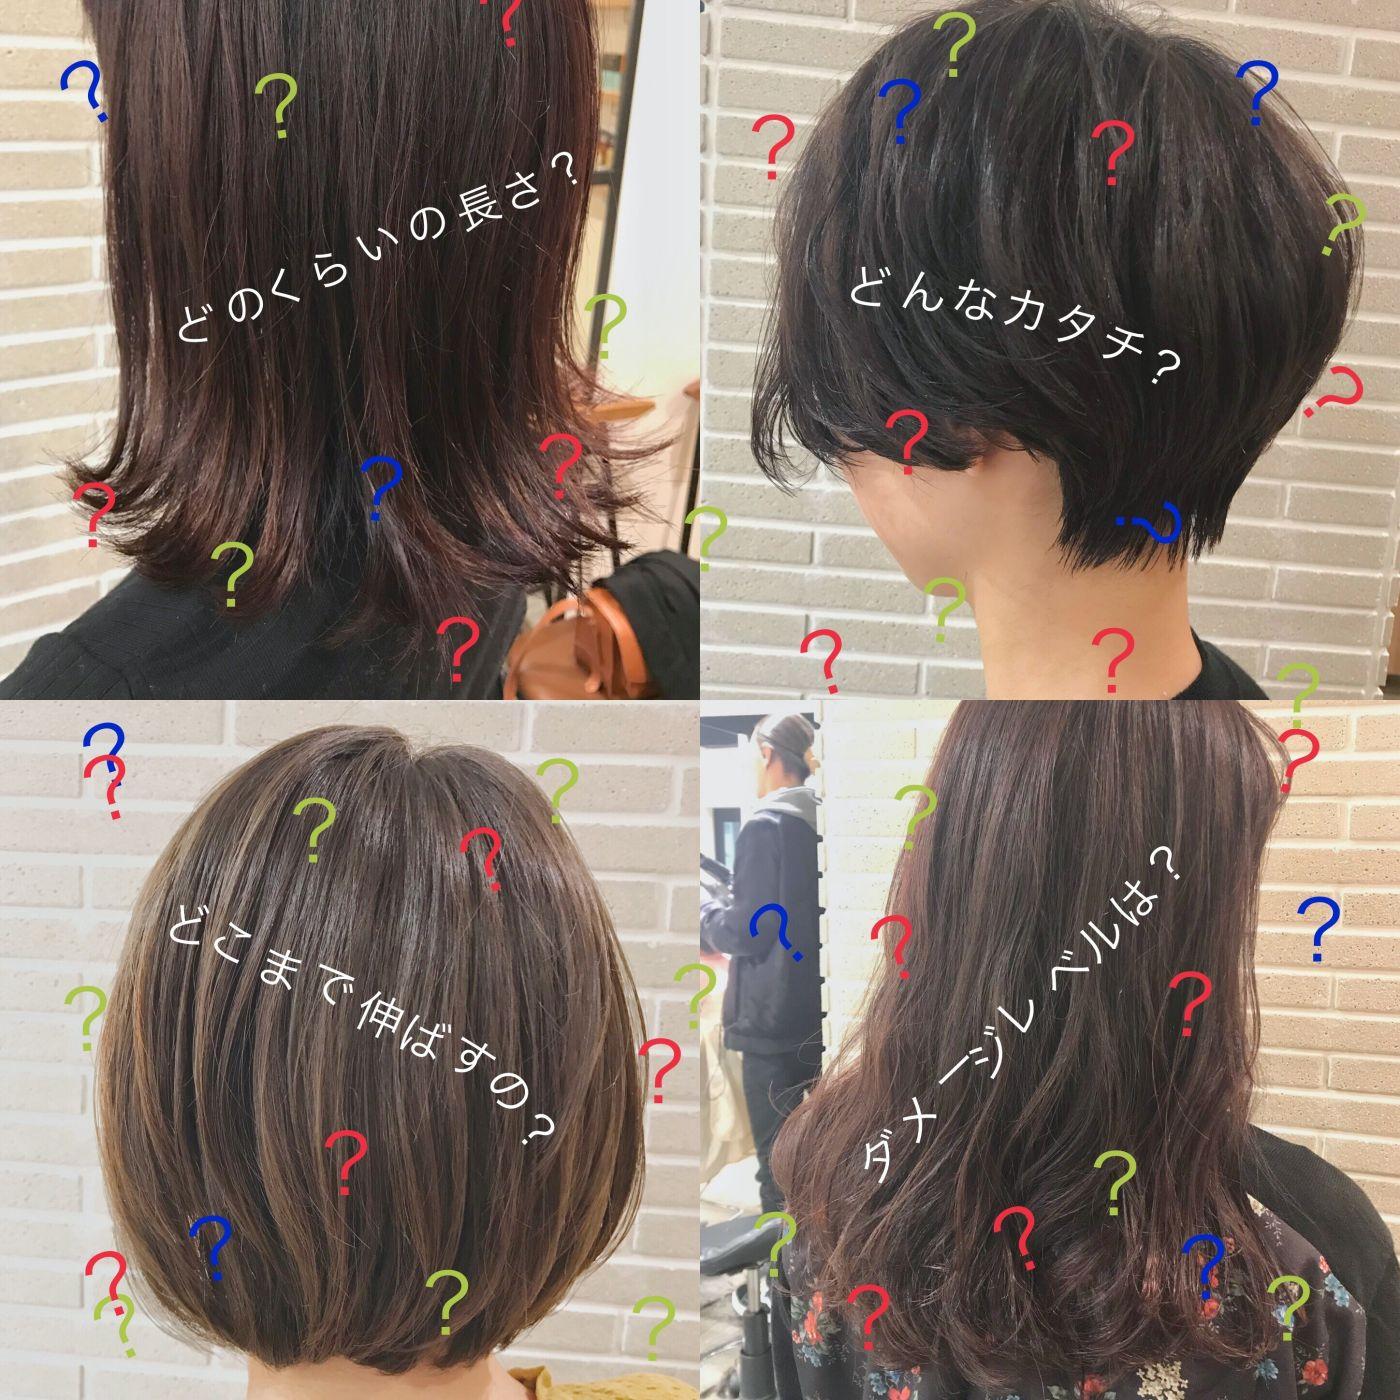 伸ばす 髪 を 早く